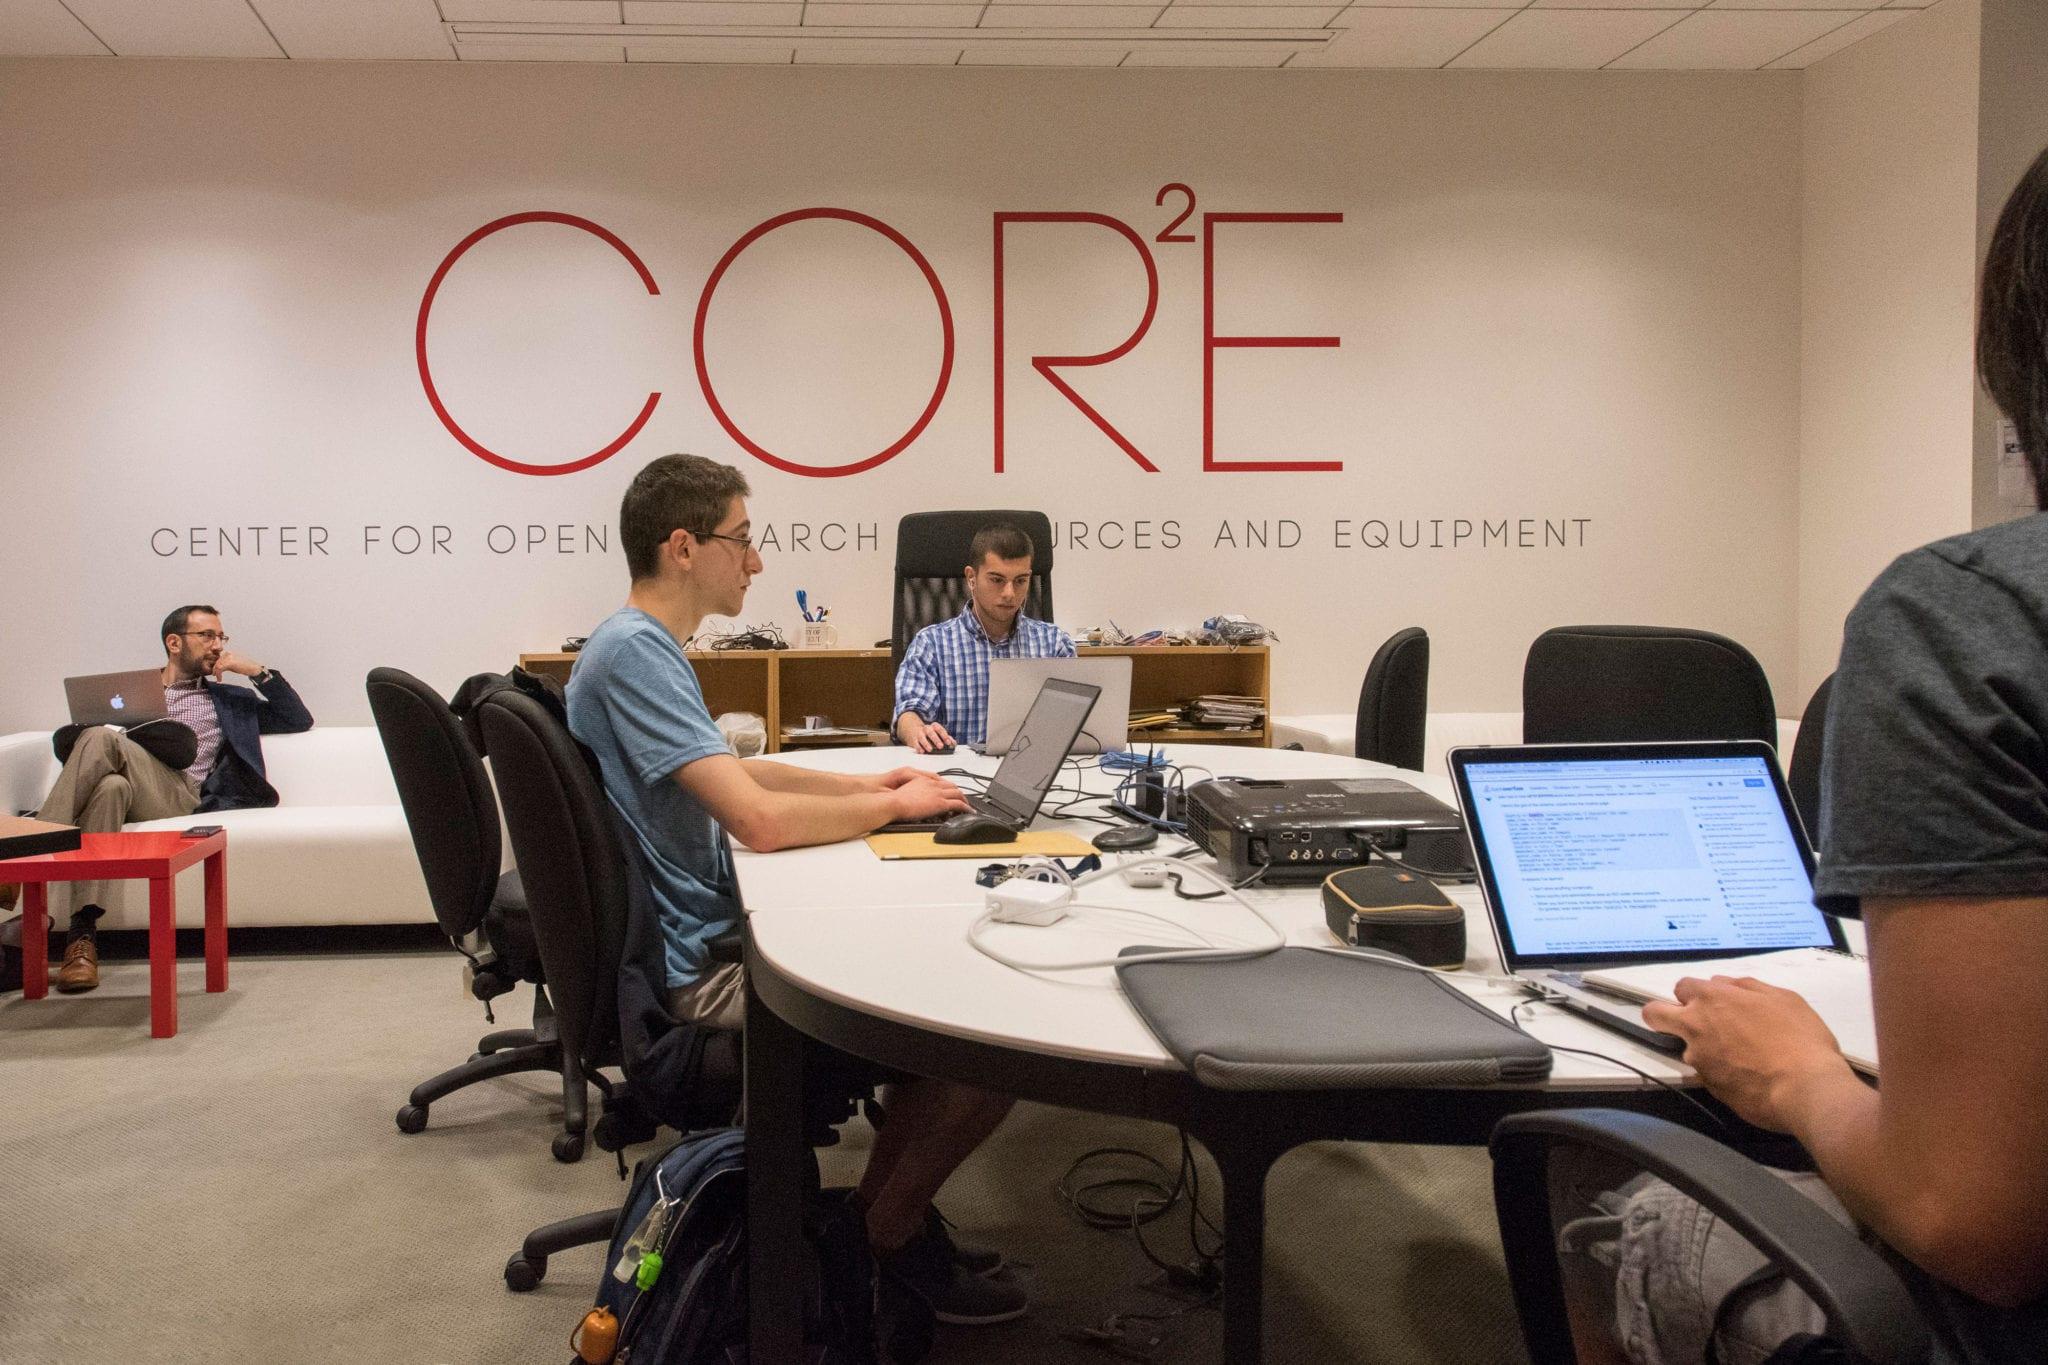 Cor2e lab